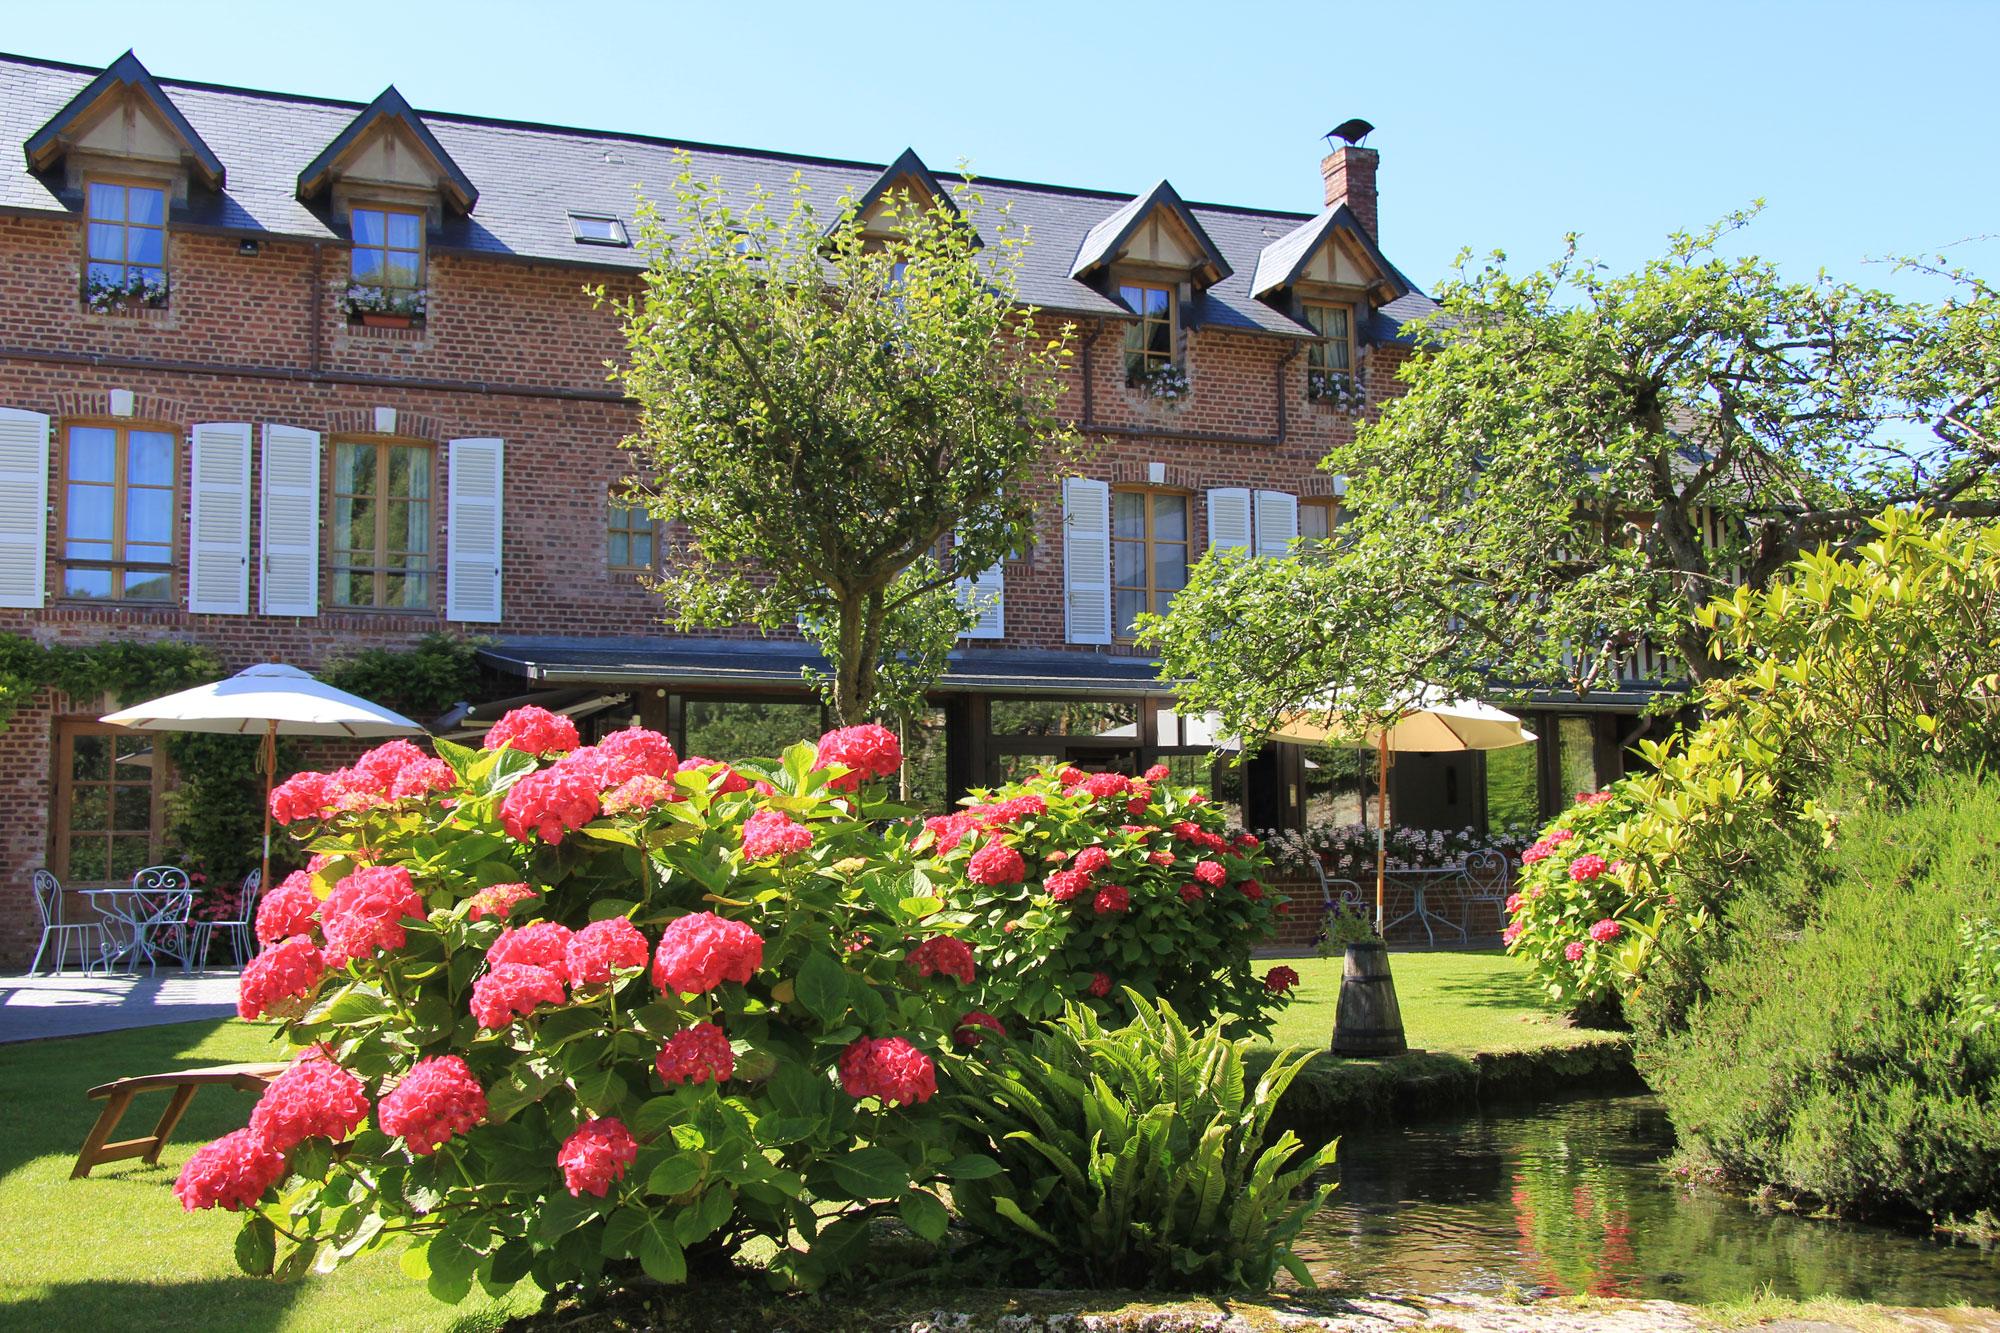 terrasse ensoleillée, bâtisse en pierres rouges apparentes et jardin fleuri